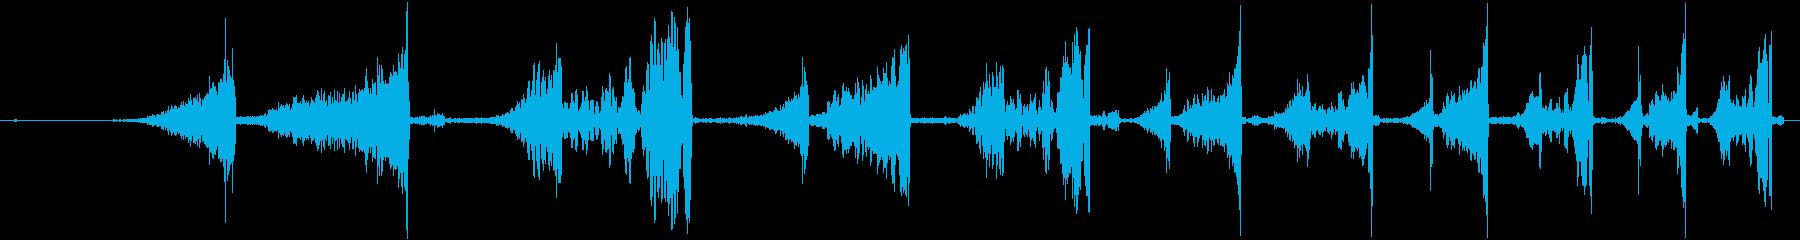 DJがレコードを巻き戻した音の再生済みの波形